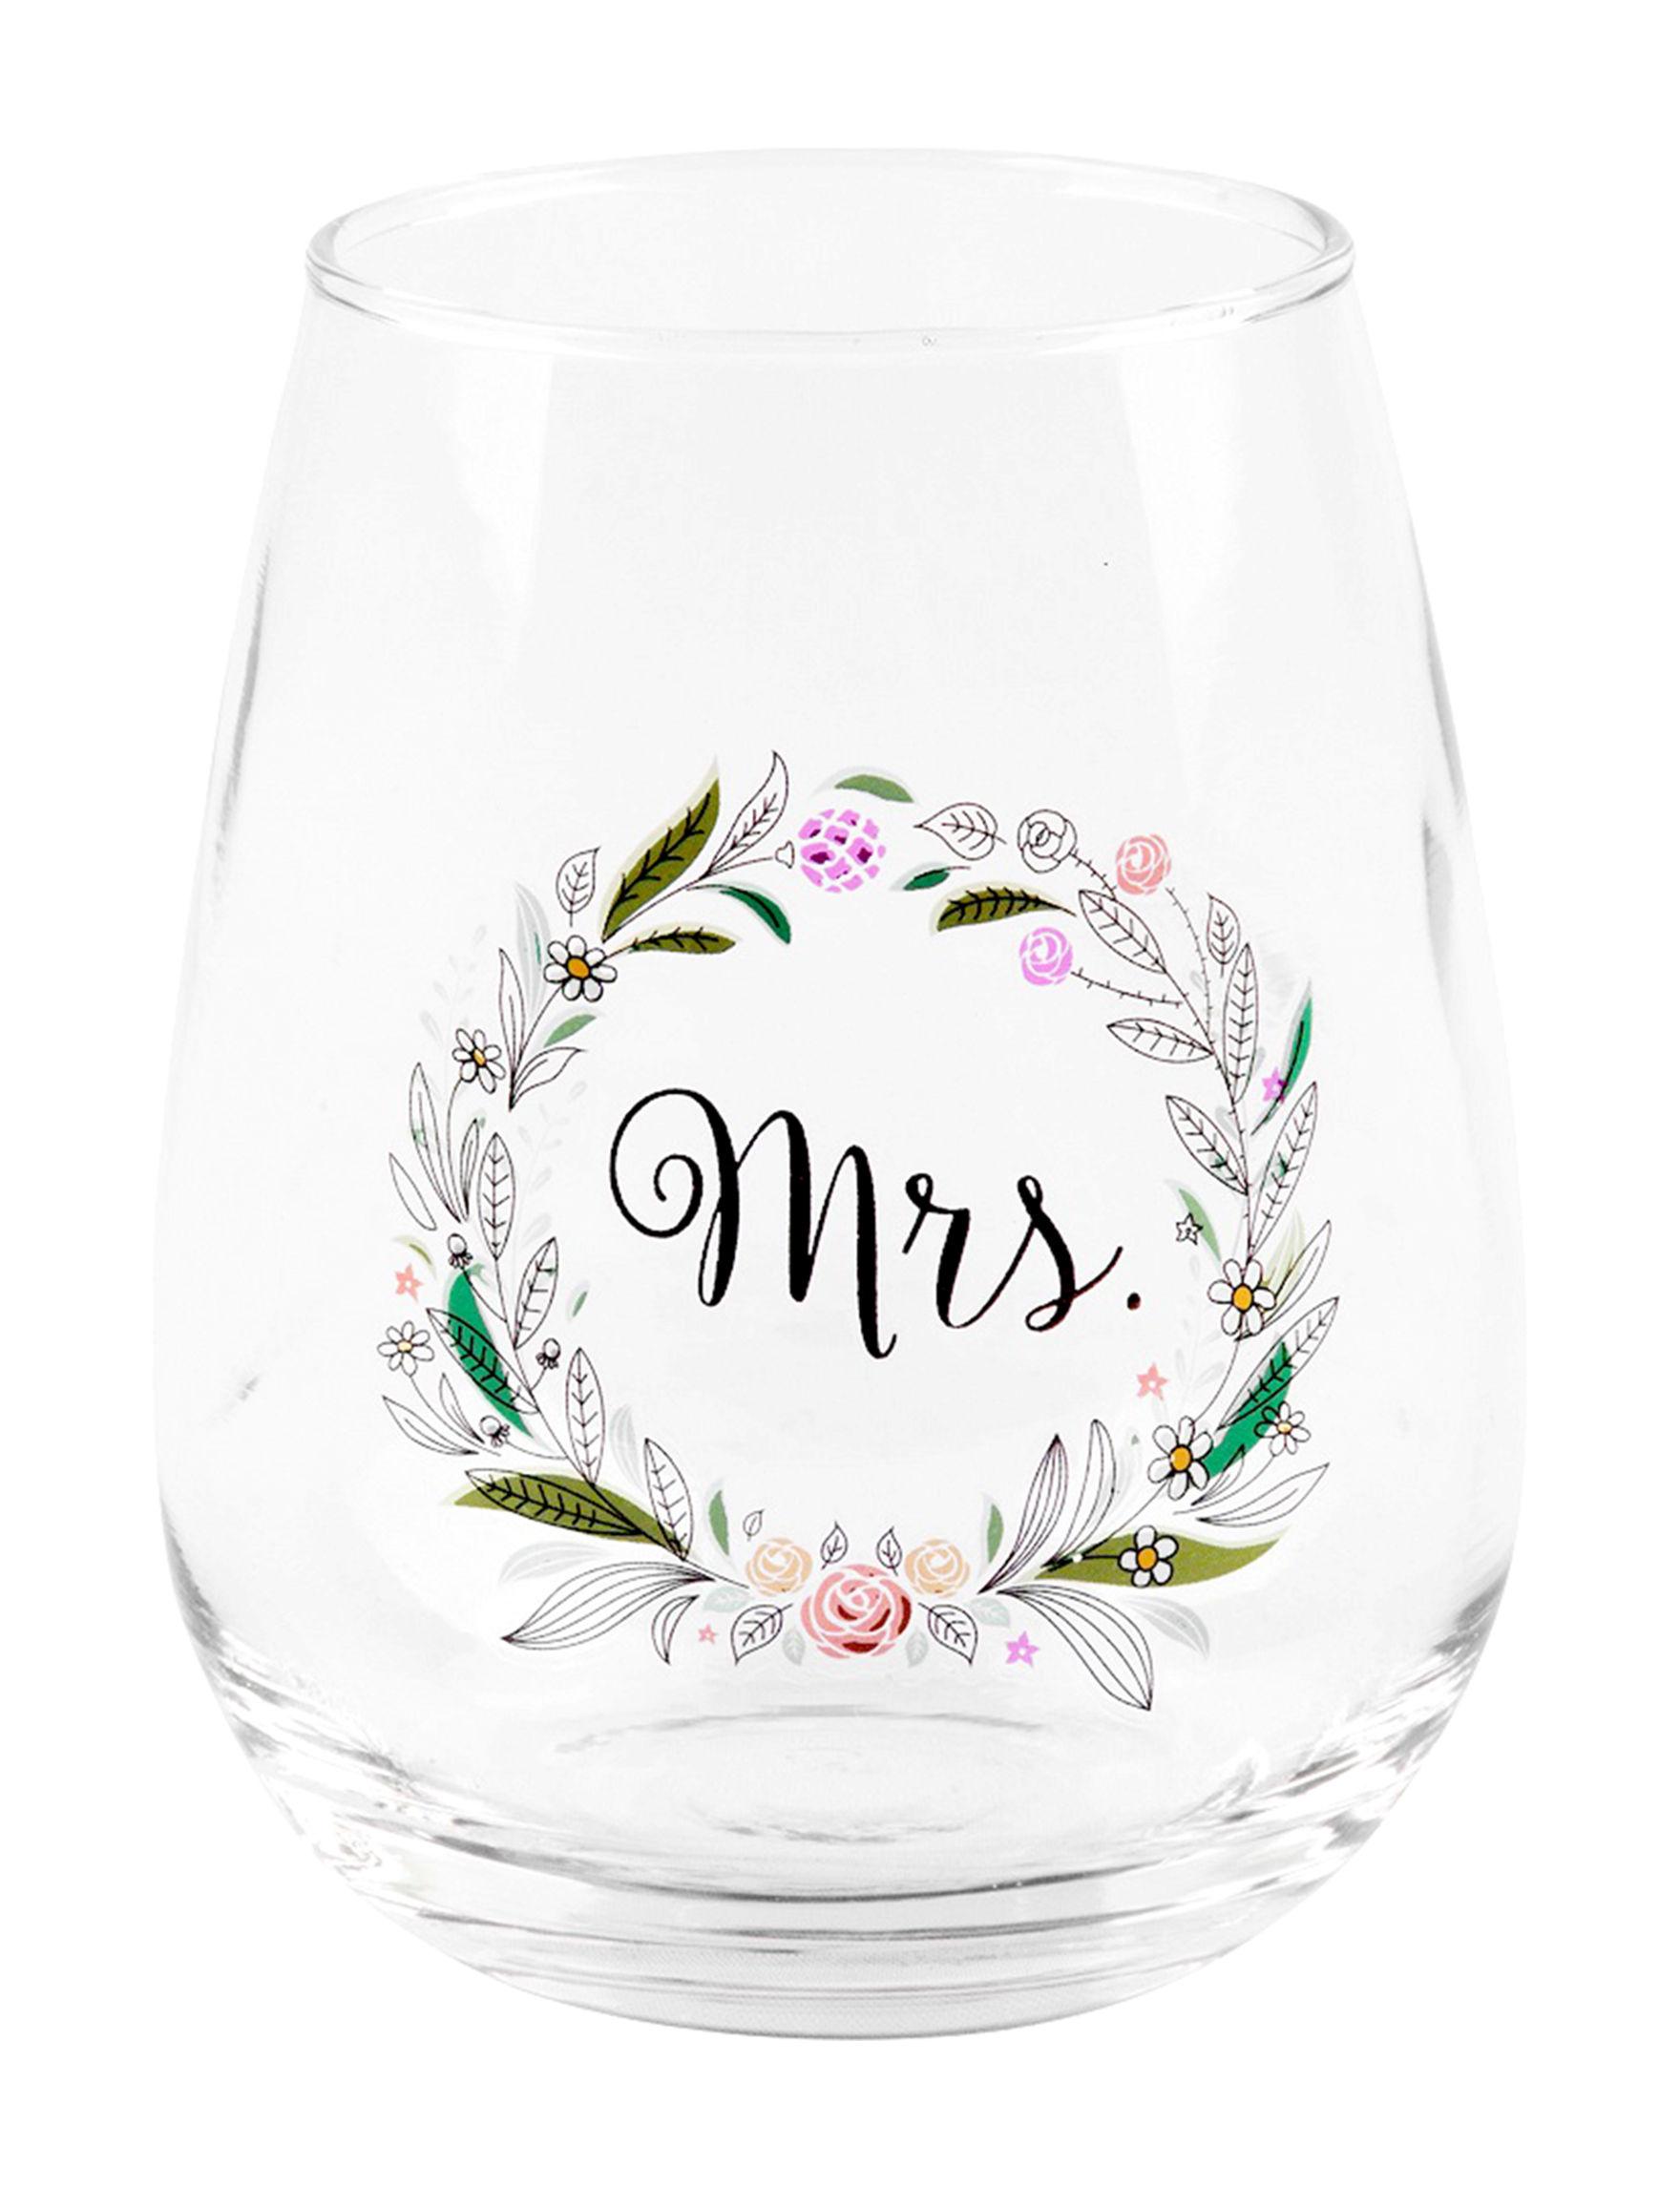 Home Essentials White / Silver Wine Glasses Drinkware